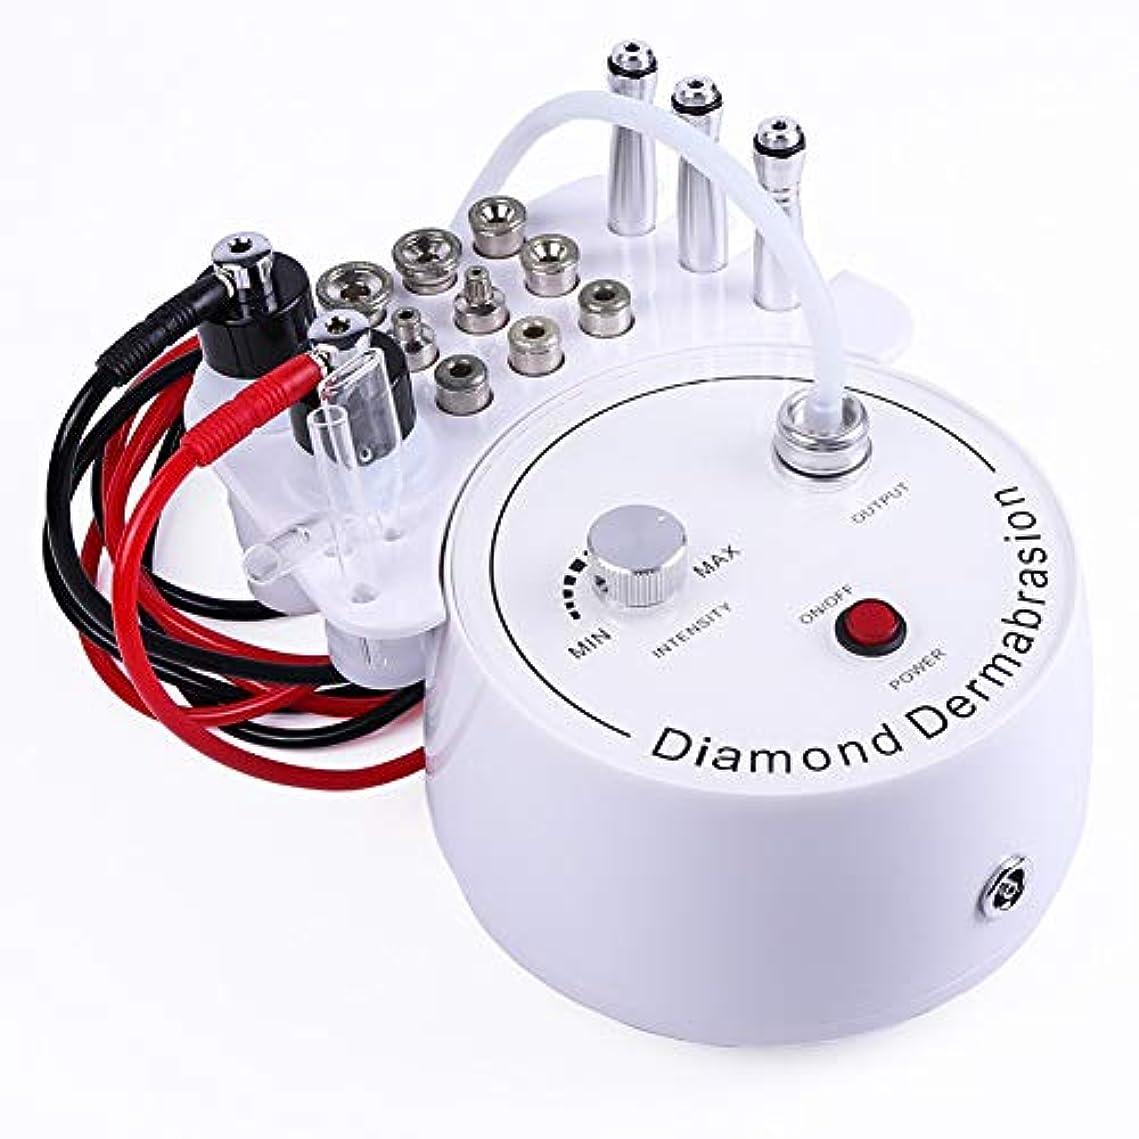 3で1 ダイヤモンド マイクロダーマブレーション 皮膚剥離 機械 水スプレー 剥離 美容機 しわ フェイシャル ピーリング デバイス